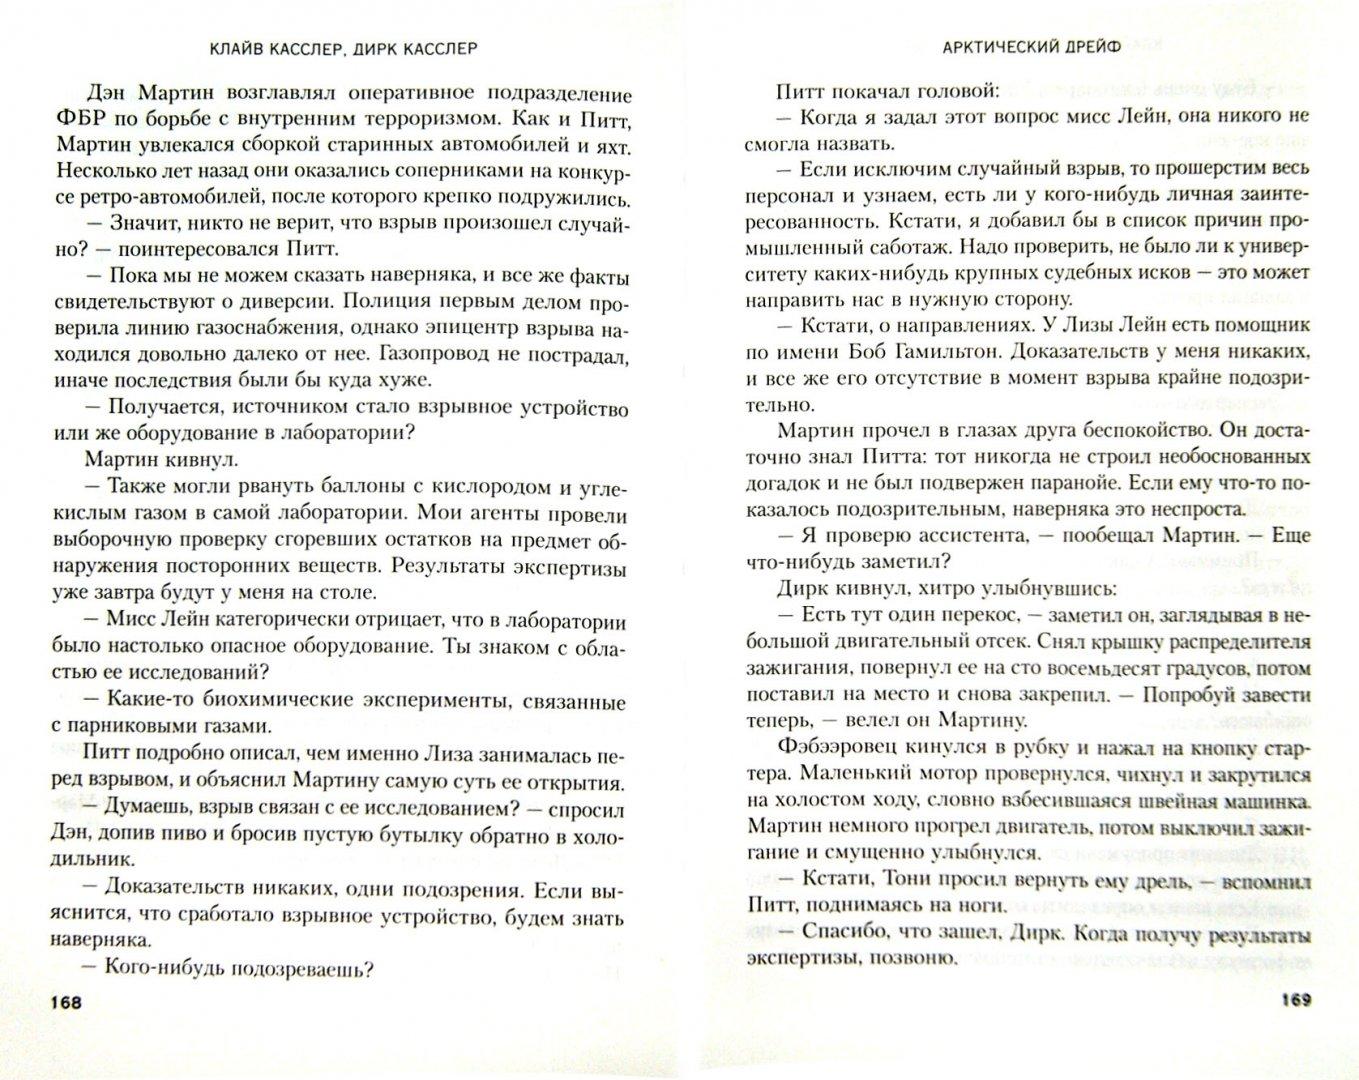 Иллюстрация 1 из 7 для Арктический дрейф - Касслер, Касслер | Лабиринт - книги. Источник: Лабиринт